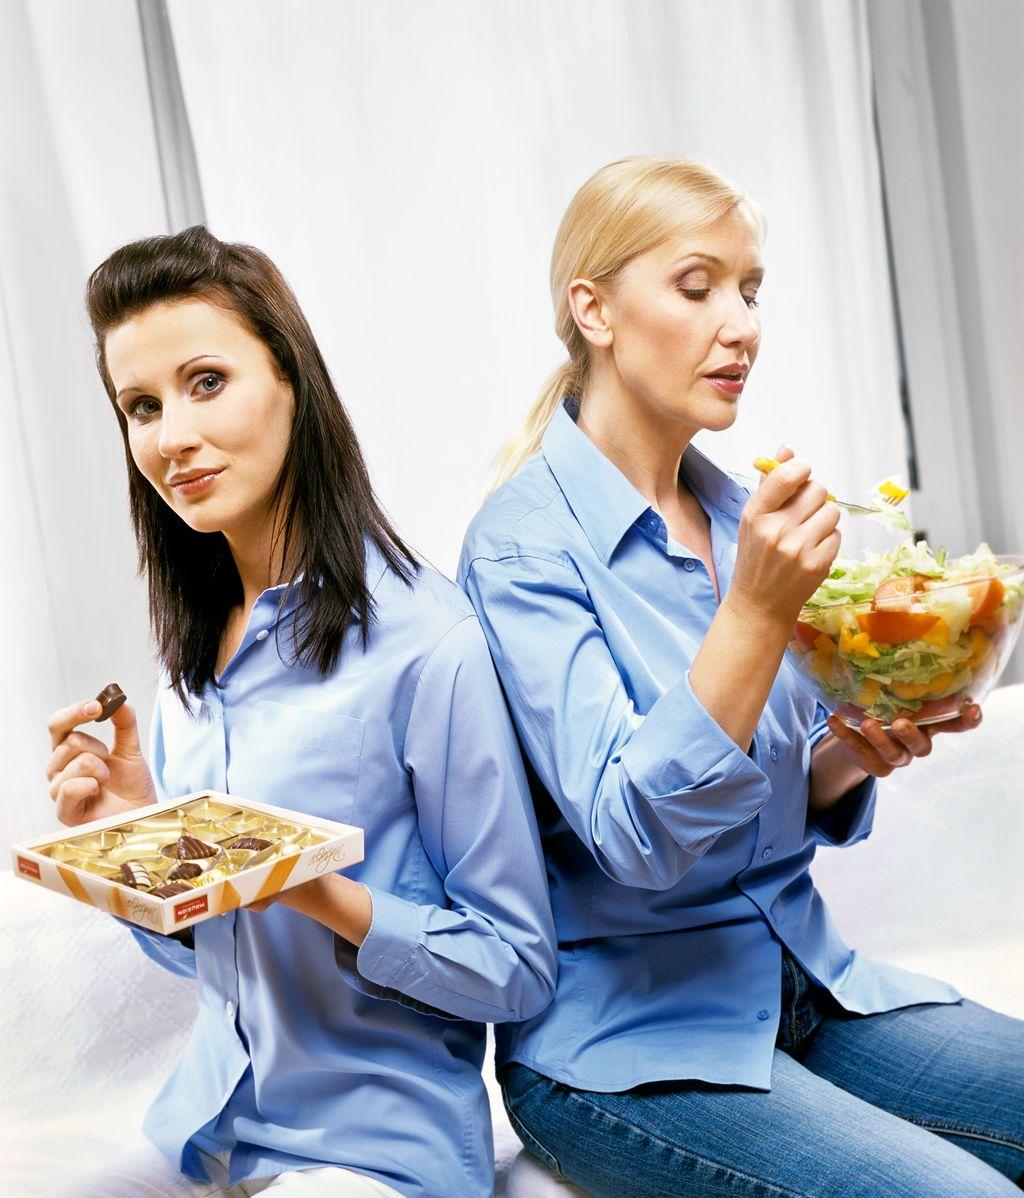 Mujeres comiendo